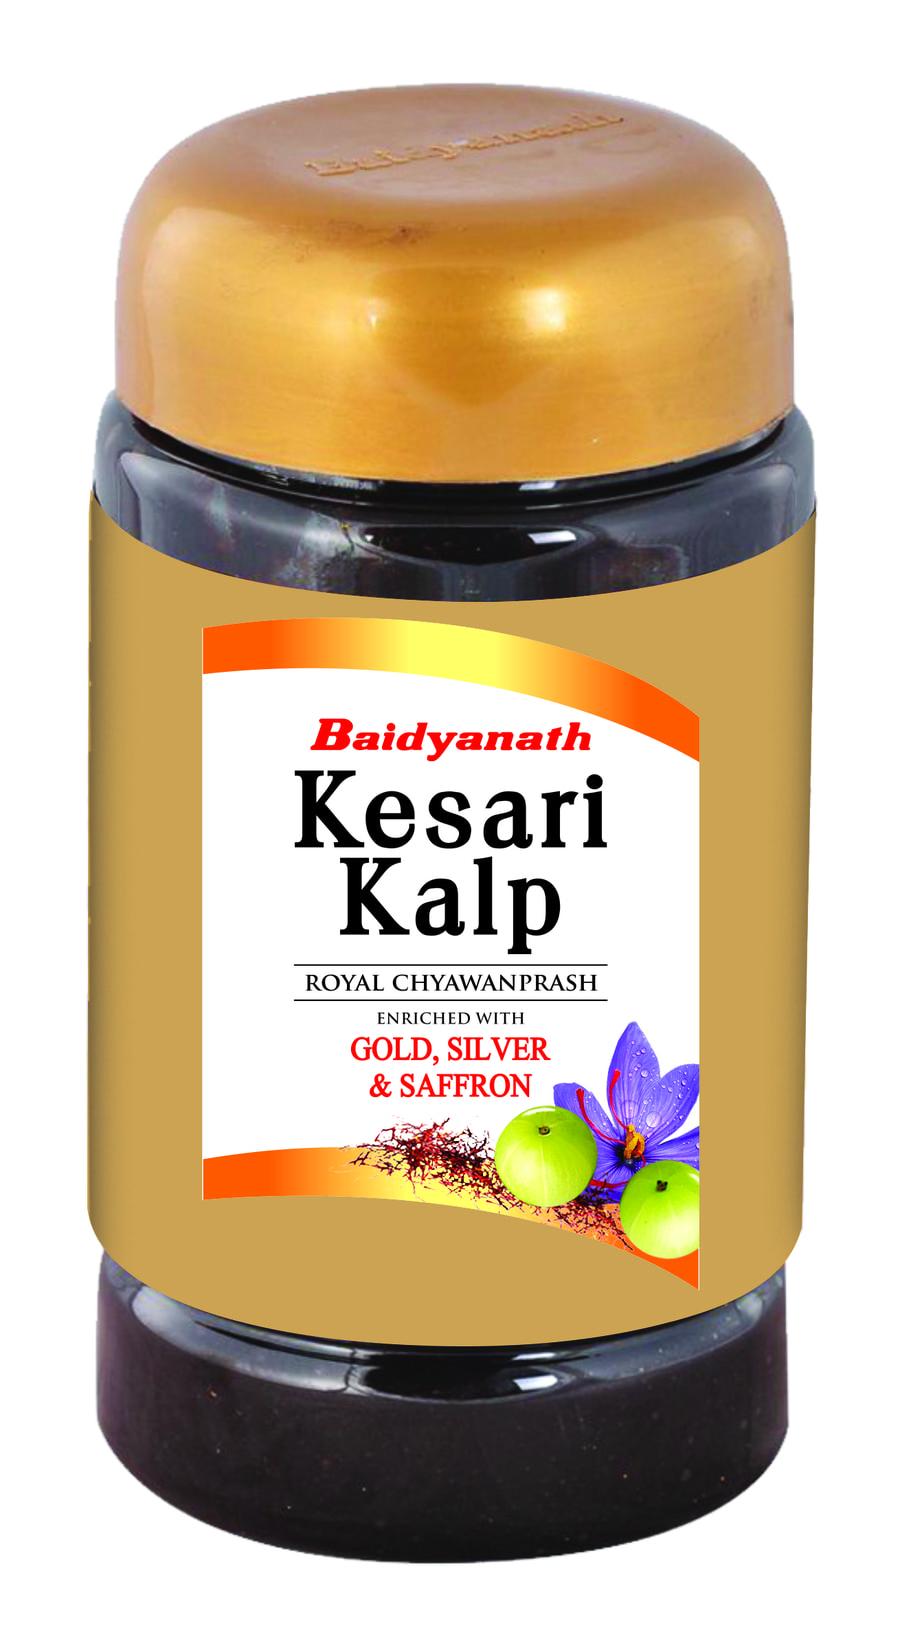 Baidyanath Kesari Kalp Royal Chyawanprash - 1 Kg